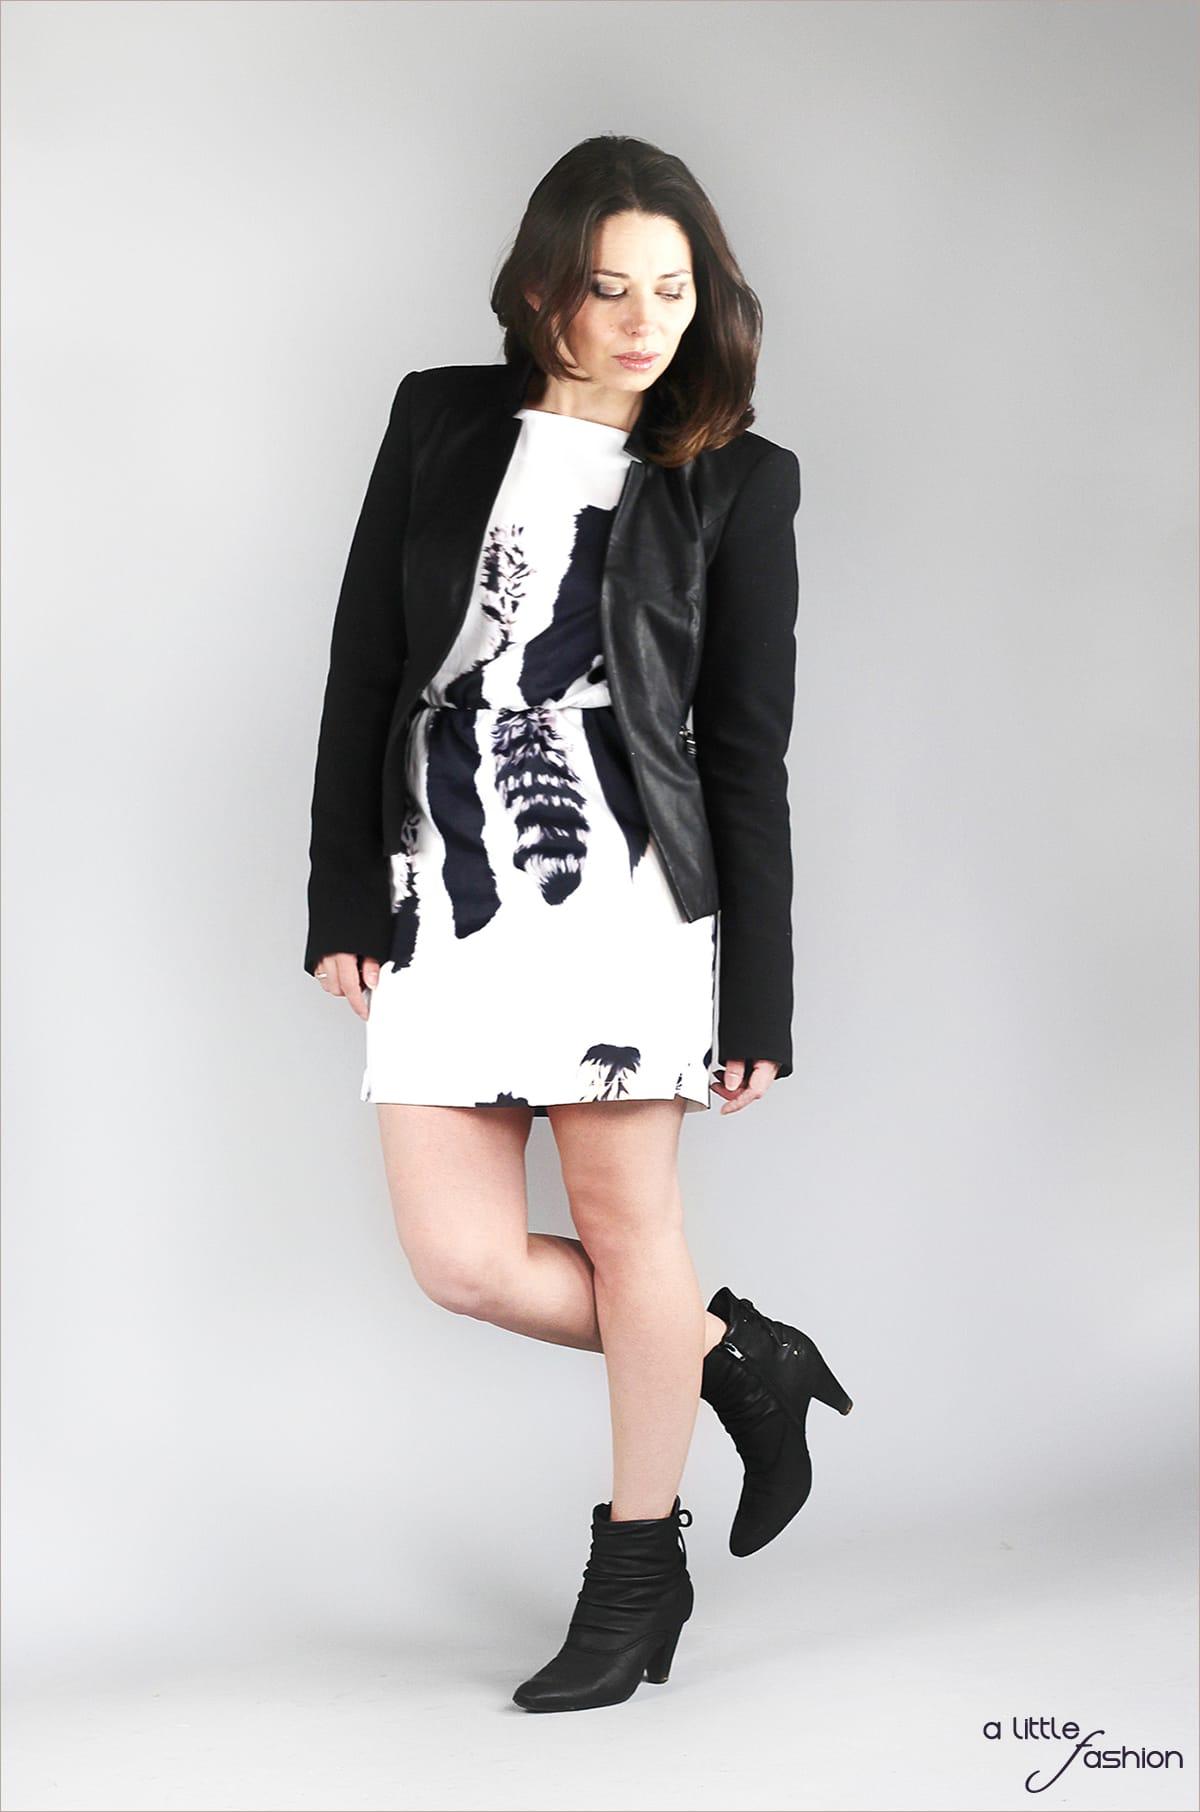 Rock Chic mit rückenfreiem Kleid und Lederjacke | A Little Fashion | https://www.filizity.com/fashion/rock-chic-mit-rueckenfreiem-kleid-und-lederjacke